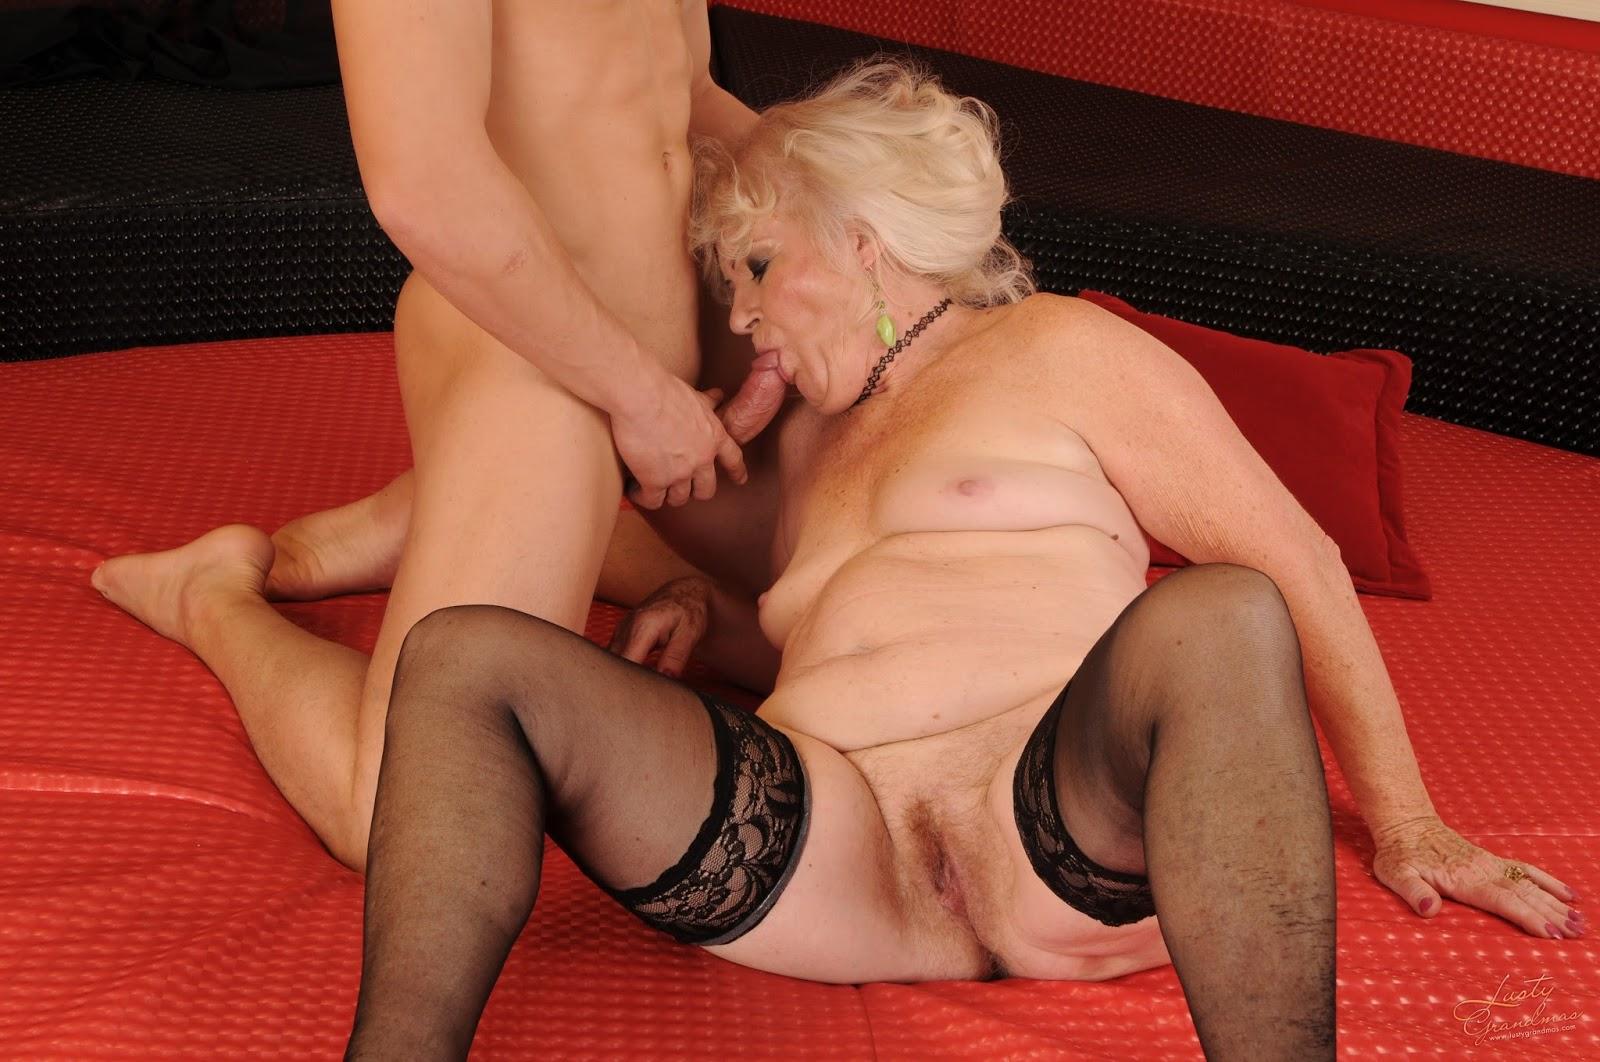 да, порно онлайн старушки зажигают бабушек есть такие